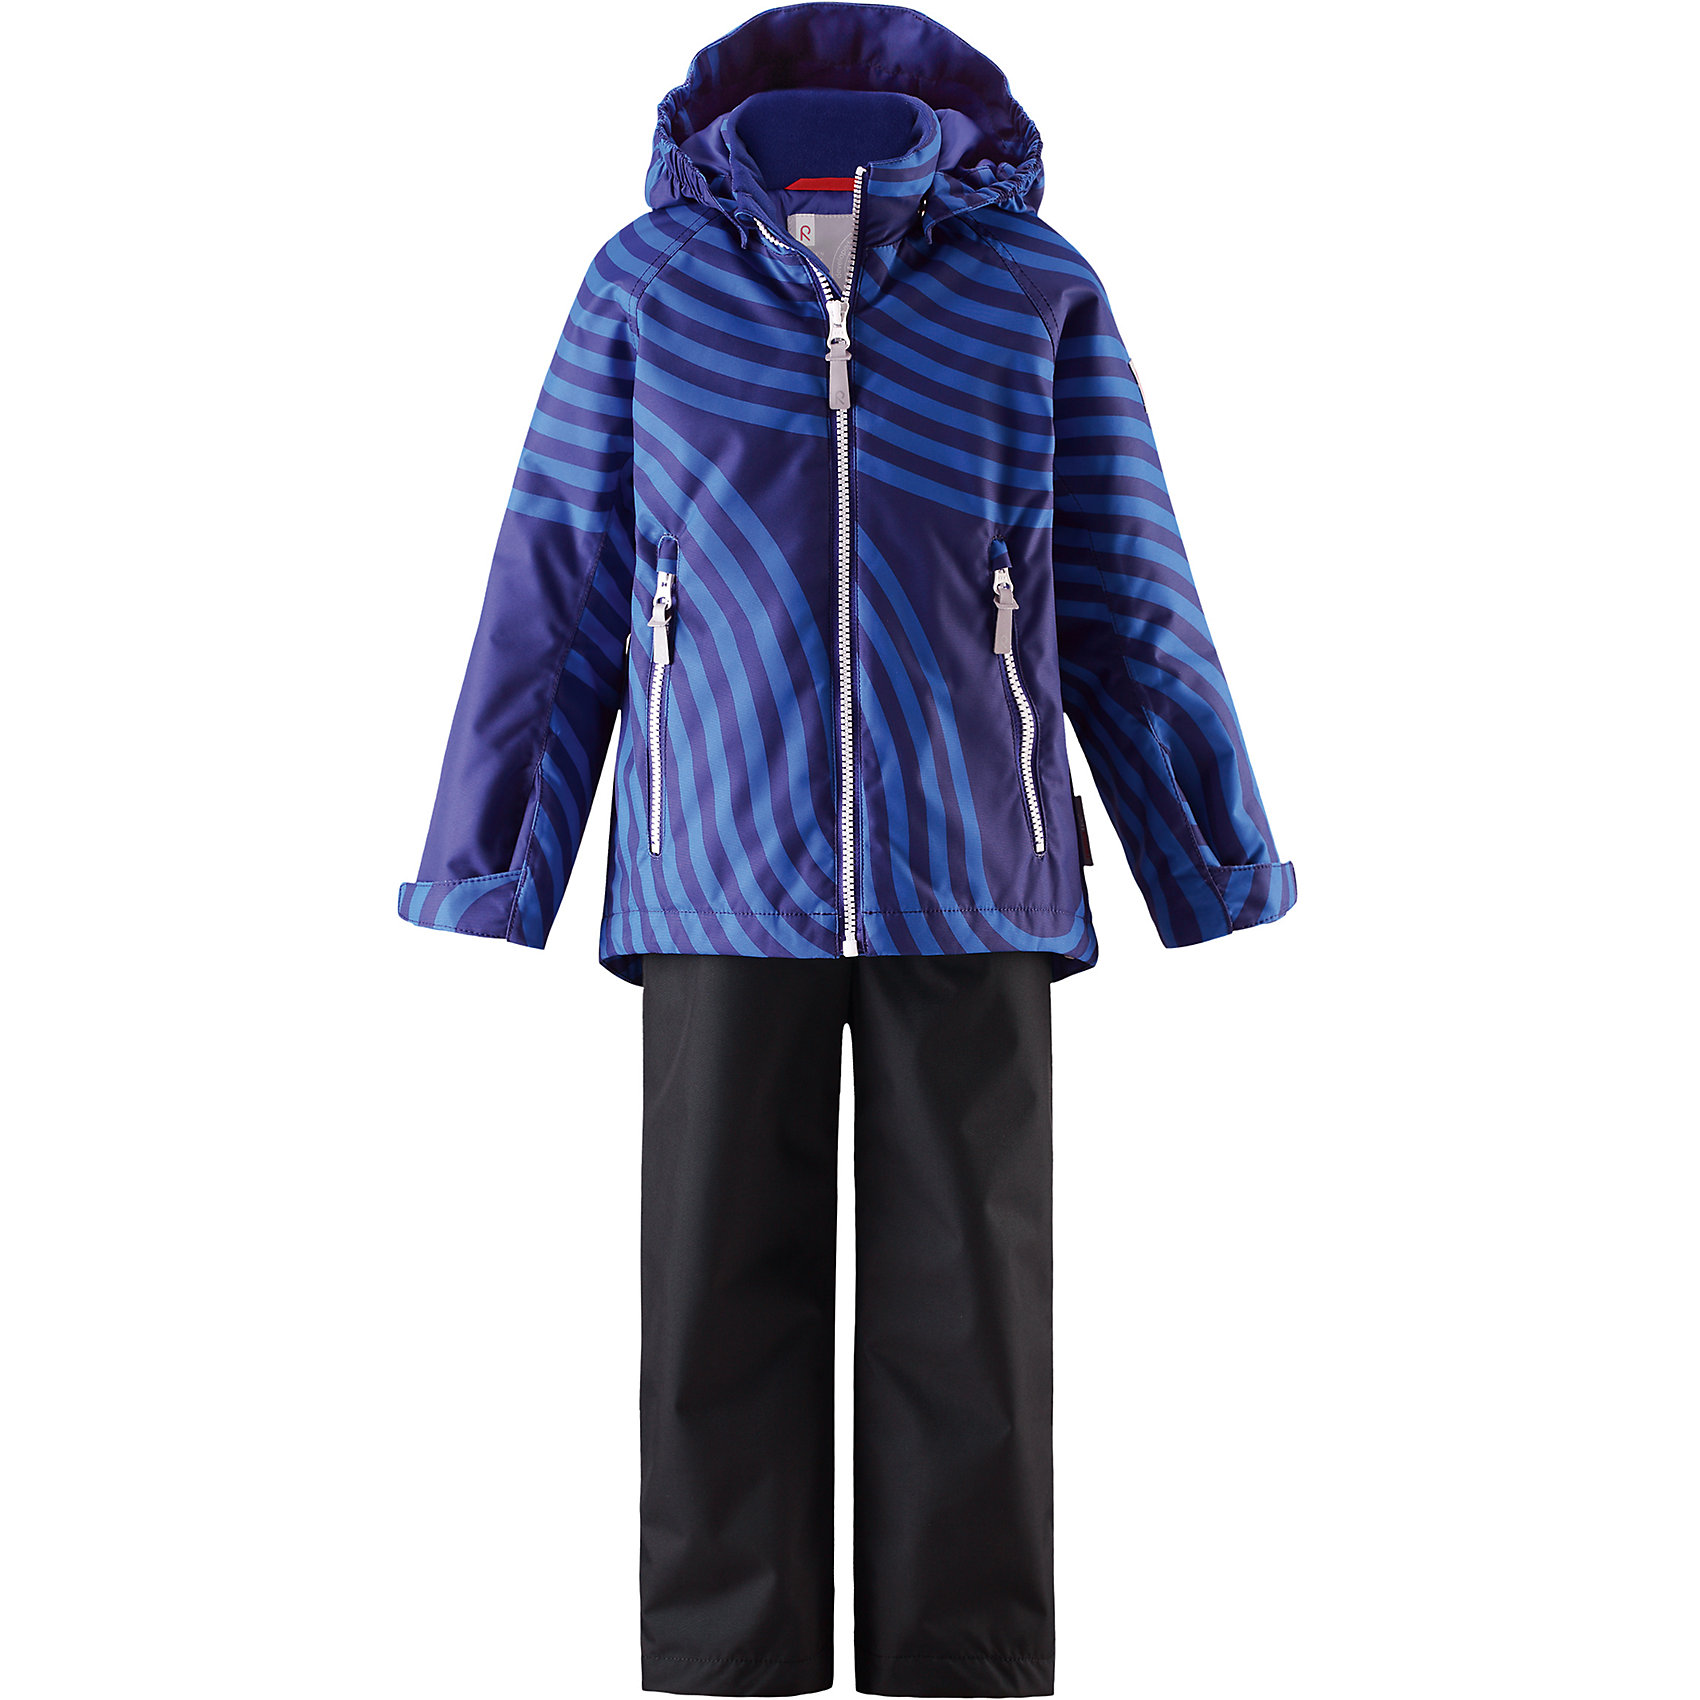 Комплект Seili: куртка и брюки для мальчика Reimatec® ReimaОдежда<br>Характеристики товара:<br><br>• цвет: синий/черный<br>• состав: 100% полиэстер, полиуретановое покрытие<br>• температурный режим: от 0° до +10°С<br>• легкий утеплитель: 80 гр/м2<br>• водонепроницаемость: 10000 мм<br>• воздухопроницаемость: куртка - 5000, брюки - 3000 мм<br>• износостойкость: куртка- 30000, брюки - 50000 циклов (тест Мартиндейла)<br>• основные швы проклеены, водонепроницаемы<br>• водо- и ветронепроницаемый, дышащий, грязеотталкивающий материал<br>• подкладка из мягкого полиэстера<br>• безопасный съёмный капюшон<br>• регулируемые манжеты на застёжке-липучке<br>• регулируемый подол<br>• регулируемые концы брючин<br>• комфортная посадка<br>• отстегивающиеся регулируемые подтяжки<br>• два кармана на молнии<br>• страна производства: Китай<br>• страна бренда: Финляндия<br>• коллекция: весна-лето 2017<br><br>Демисезонный комплект из куртки и штанов поможет обеспечить ребенку комфорт и тепло. Предметы отлично смотрятся с различной одеждой. Комплект удобно сидит и модно выглядит. Материал отлично подходит для дождливой погоды. Стильный дизайн разрабатывался специально для детей.<br><br>Обувь и одежда от финского бренда Reima пользуются популярностью во многих странах. Они стильные, качественные и удобные. Для производства продукции используются только безопасные, проверенные материалы и фурнитура.<br><br>Комплект: куртка и брюки для девочки Reimatec® от финского бренда Reima (Рейма) можно купить в нашем интернет-магазине.<br><br>Ширина мм: 356<br>Глубина мм: 10<br>Высота мм: 245<br>Вес г: 519<br>Цвет: синий<br>Возраст от месяцев: 108<br>Возраст до месяцев: 120<br>Пол: Мужской<br>Возраст: Детский<br>Размер: 140,92,134,128,122,116,110,104,98<br>SKU: 5266060